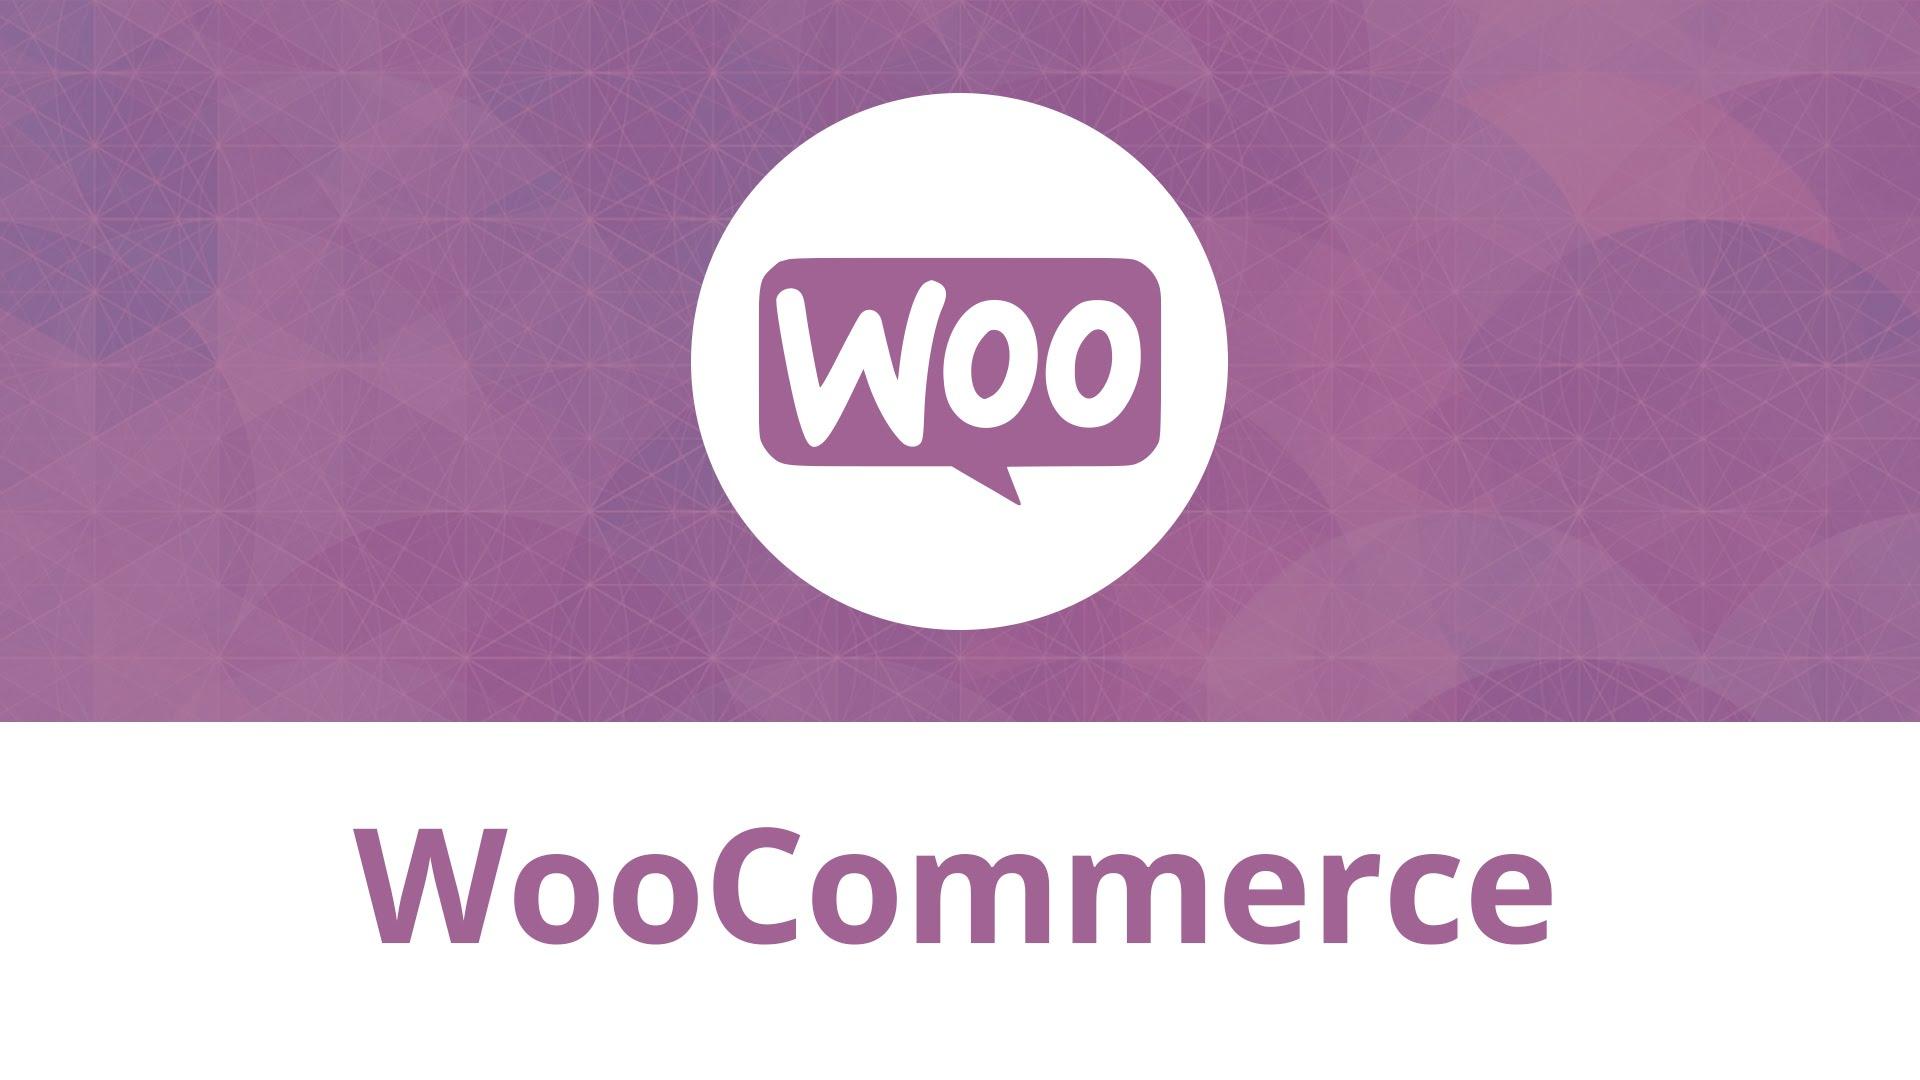 logo of woocommerce webshop engine